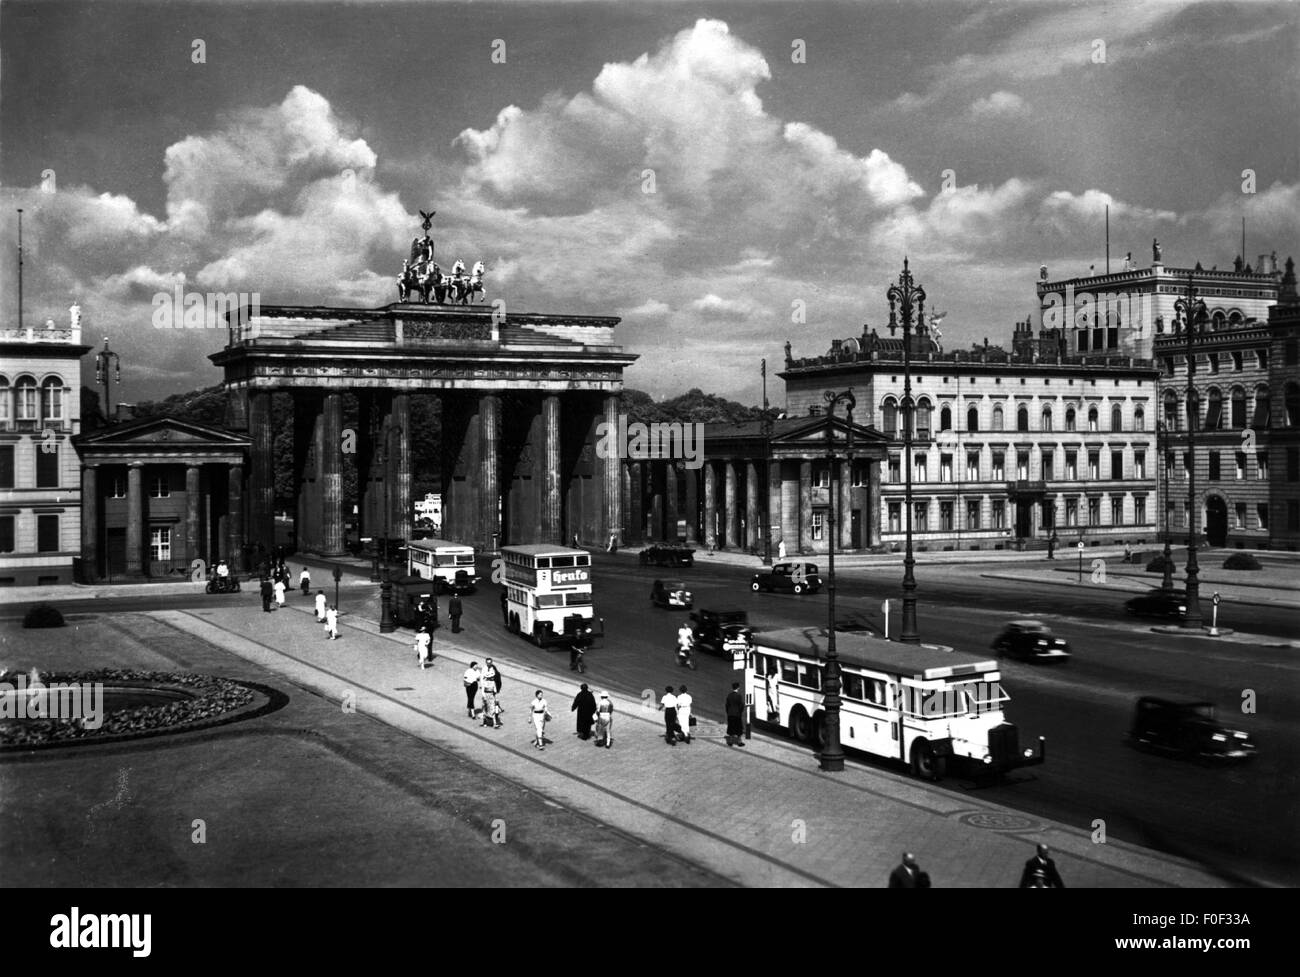 Geographie/Reisen, Deutschland, Berlin, Quadrat, Pariser Platz mit dem Brandenburger Tor, Ende der 1930er, 30s, Stockbild